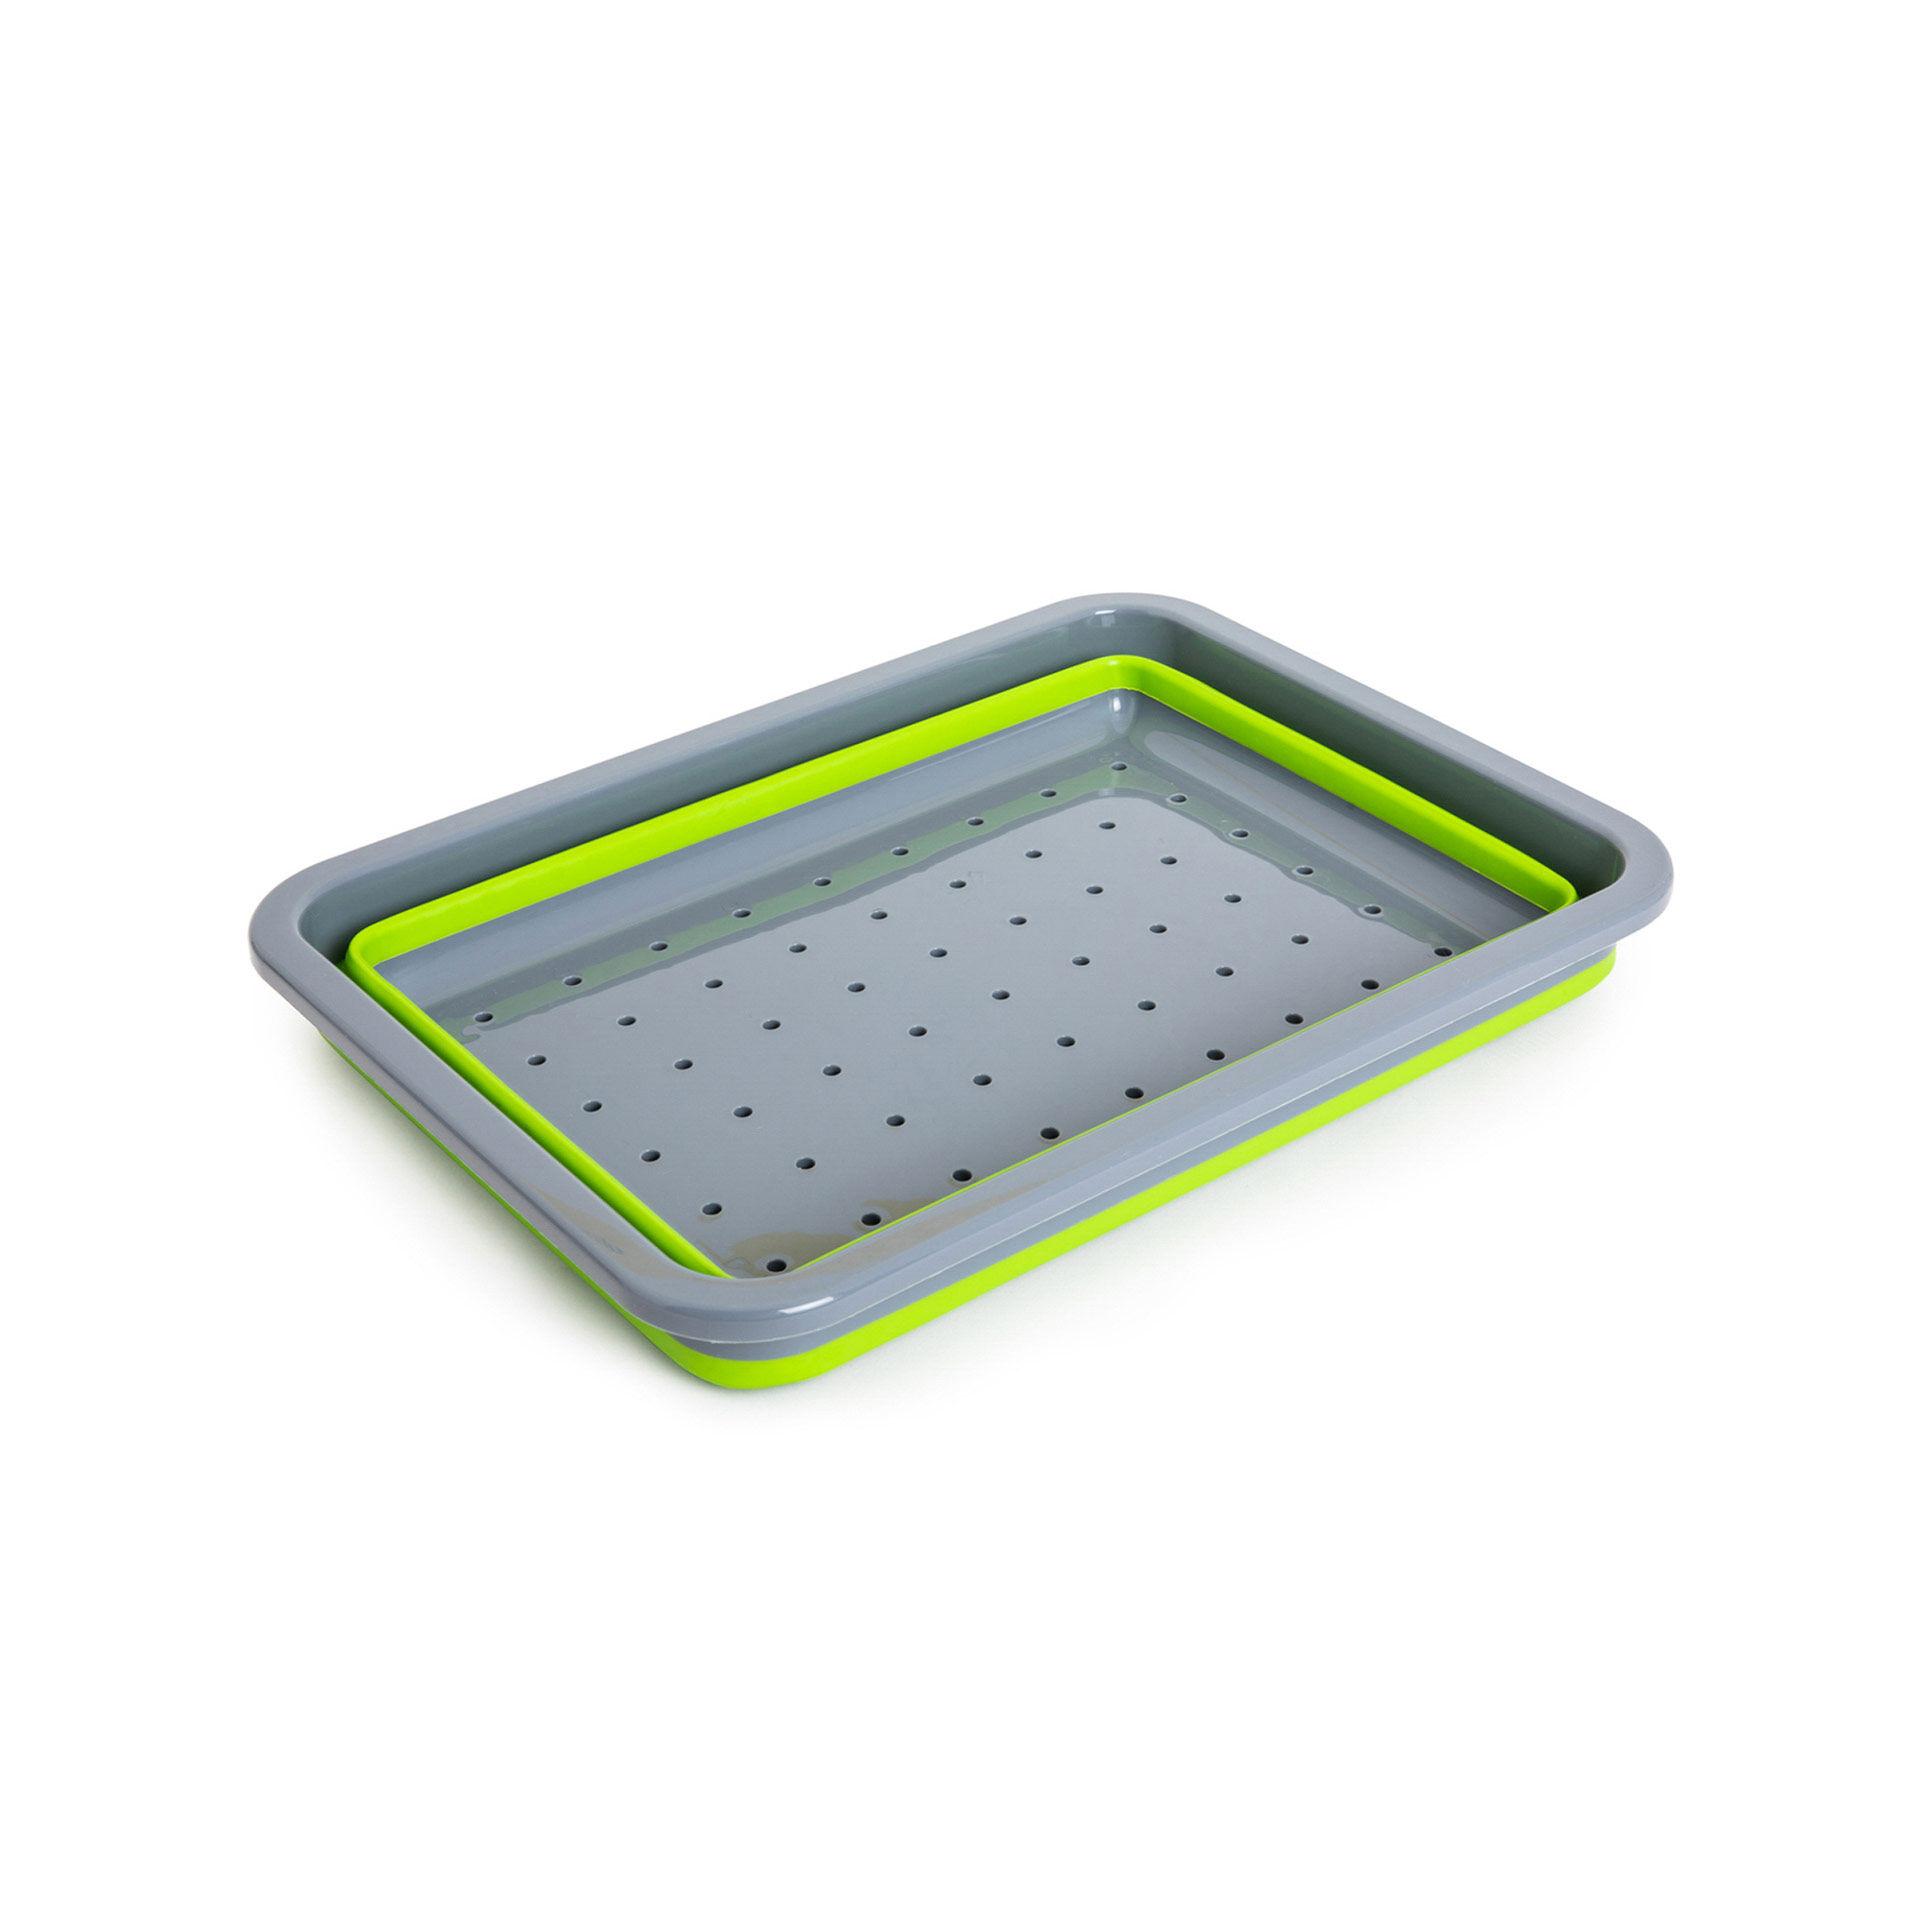 Égouttoir à vaisselle pliable modulaire, , large